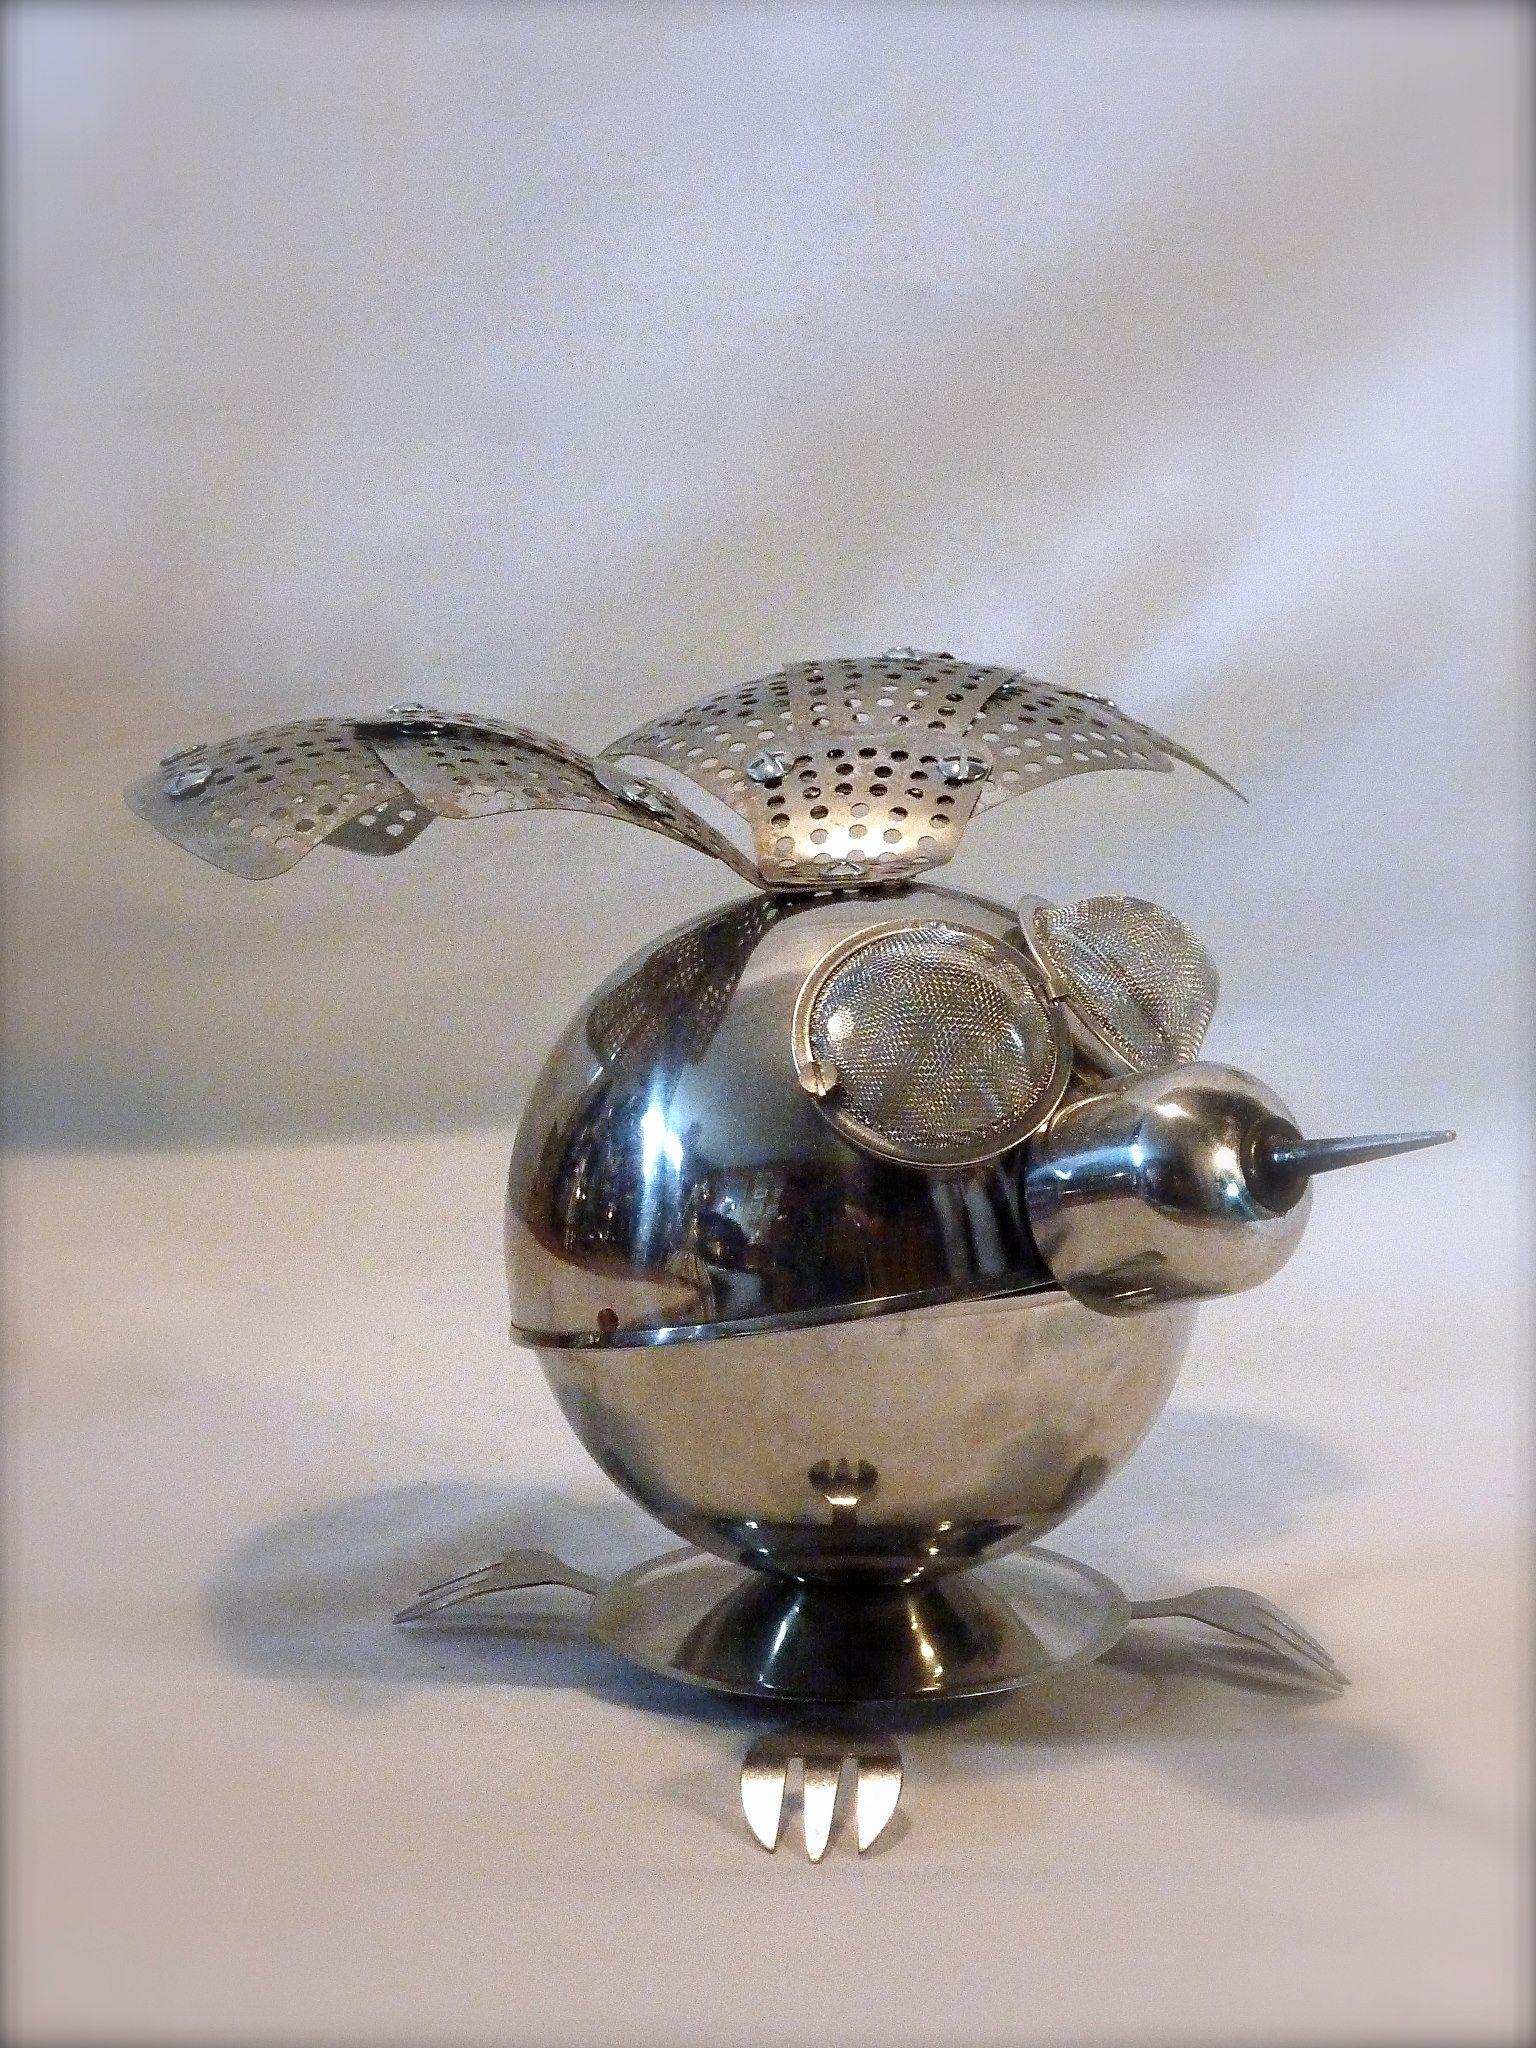 Gare au frelon asiatique. Celui-ci va sans doute trouver refuge dans notre cuisine… dard-dard. Diamètre : 15 cm. Pour une envergure de 25 cm.